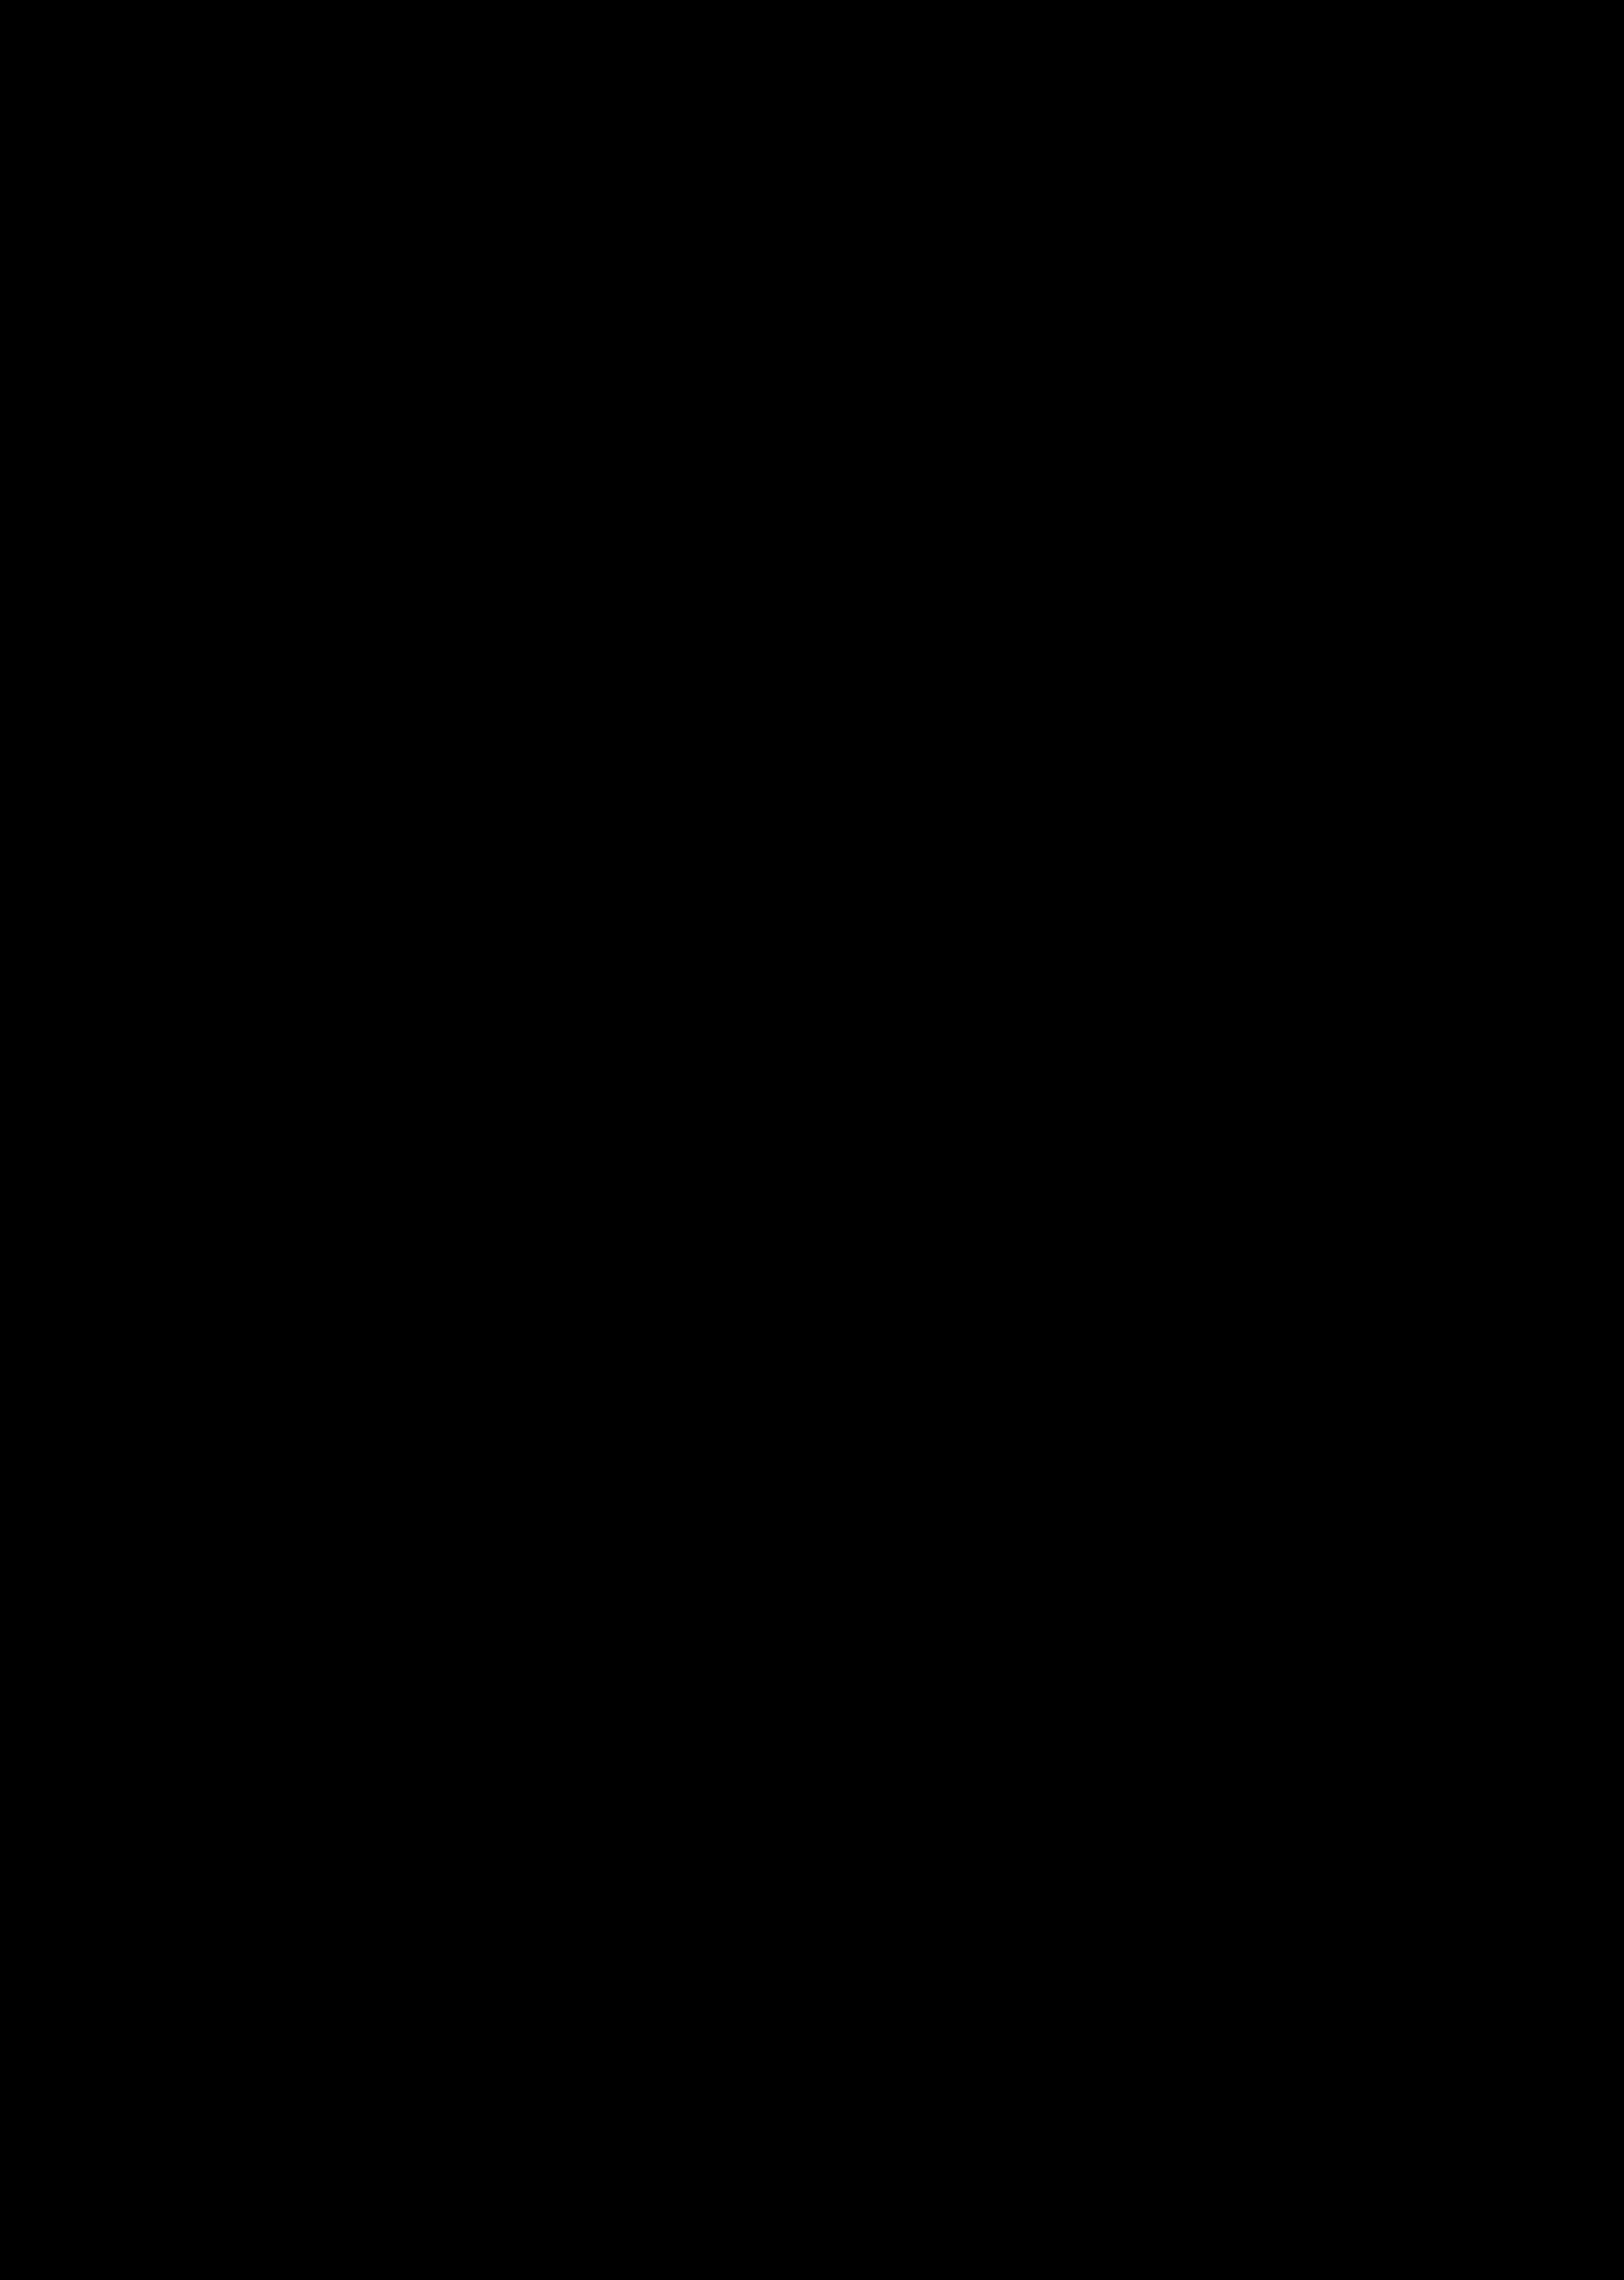 20210129_paneles_escenarios-de-memoria-pagina-1-2